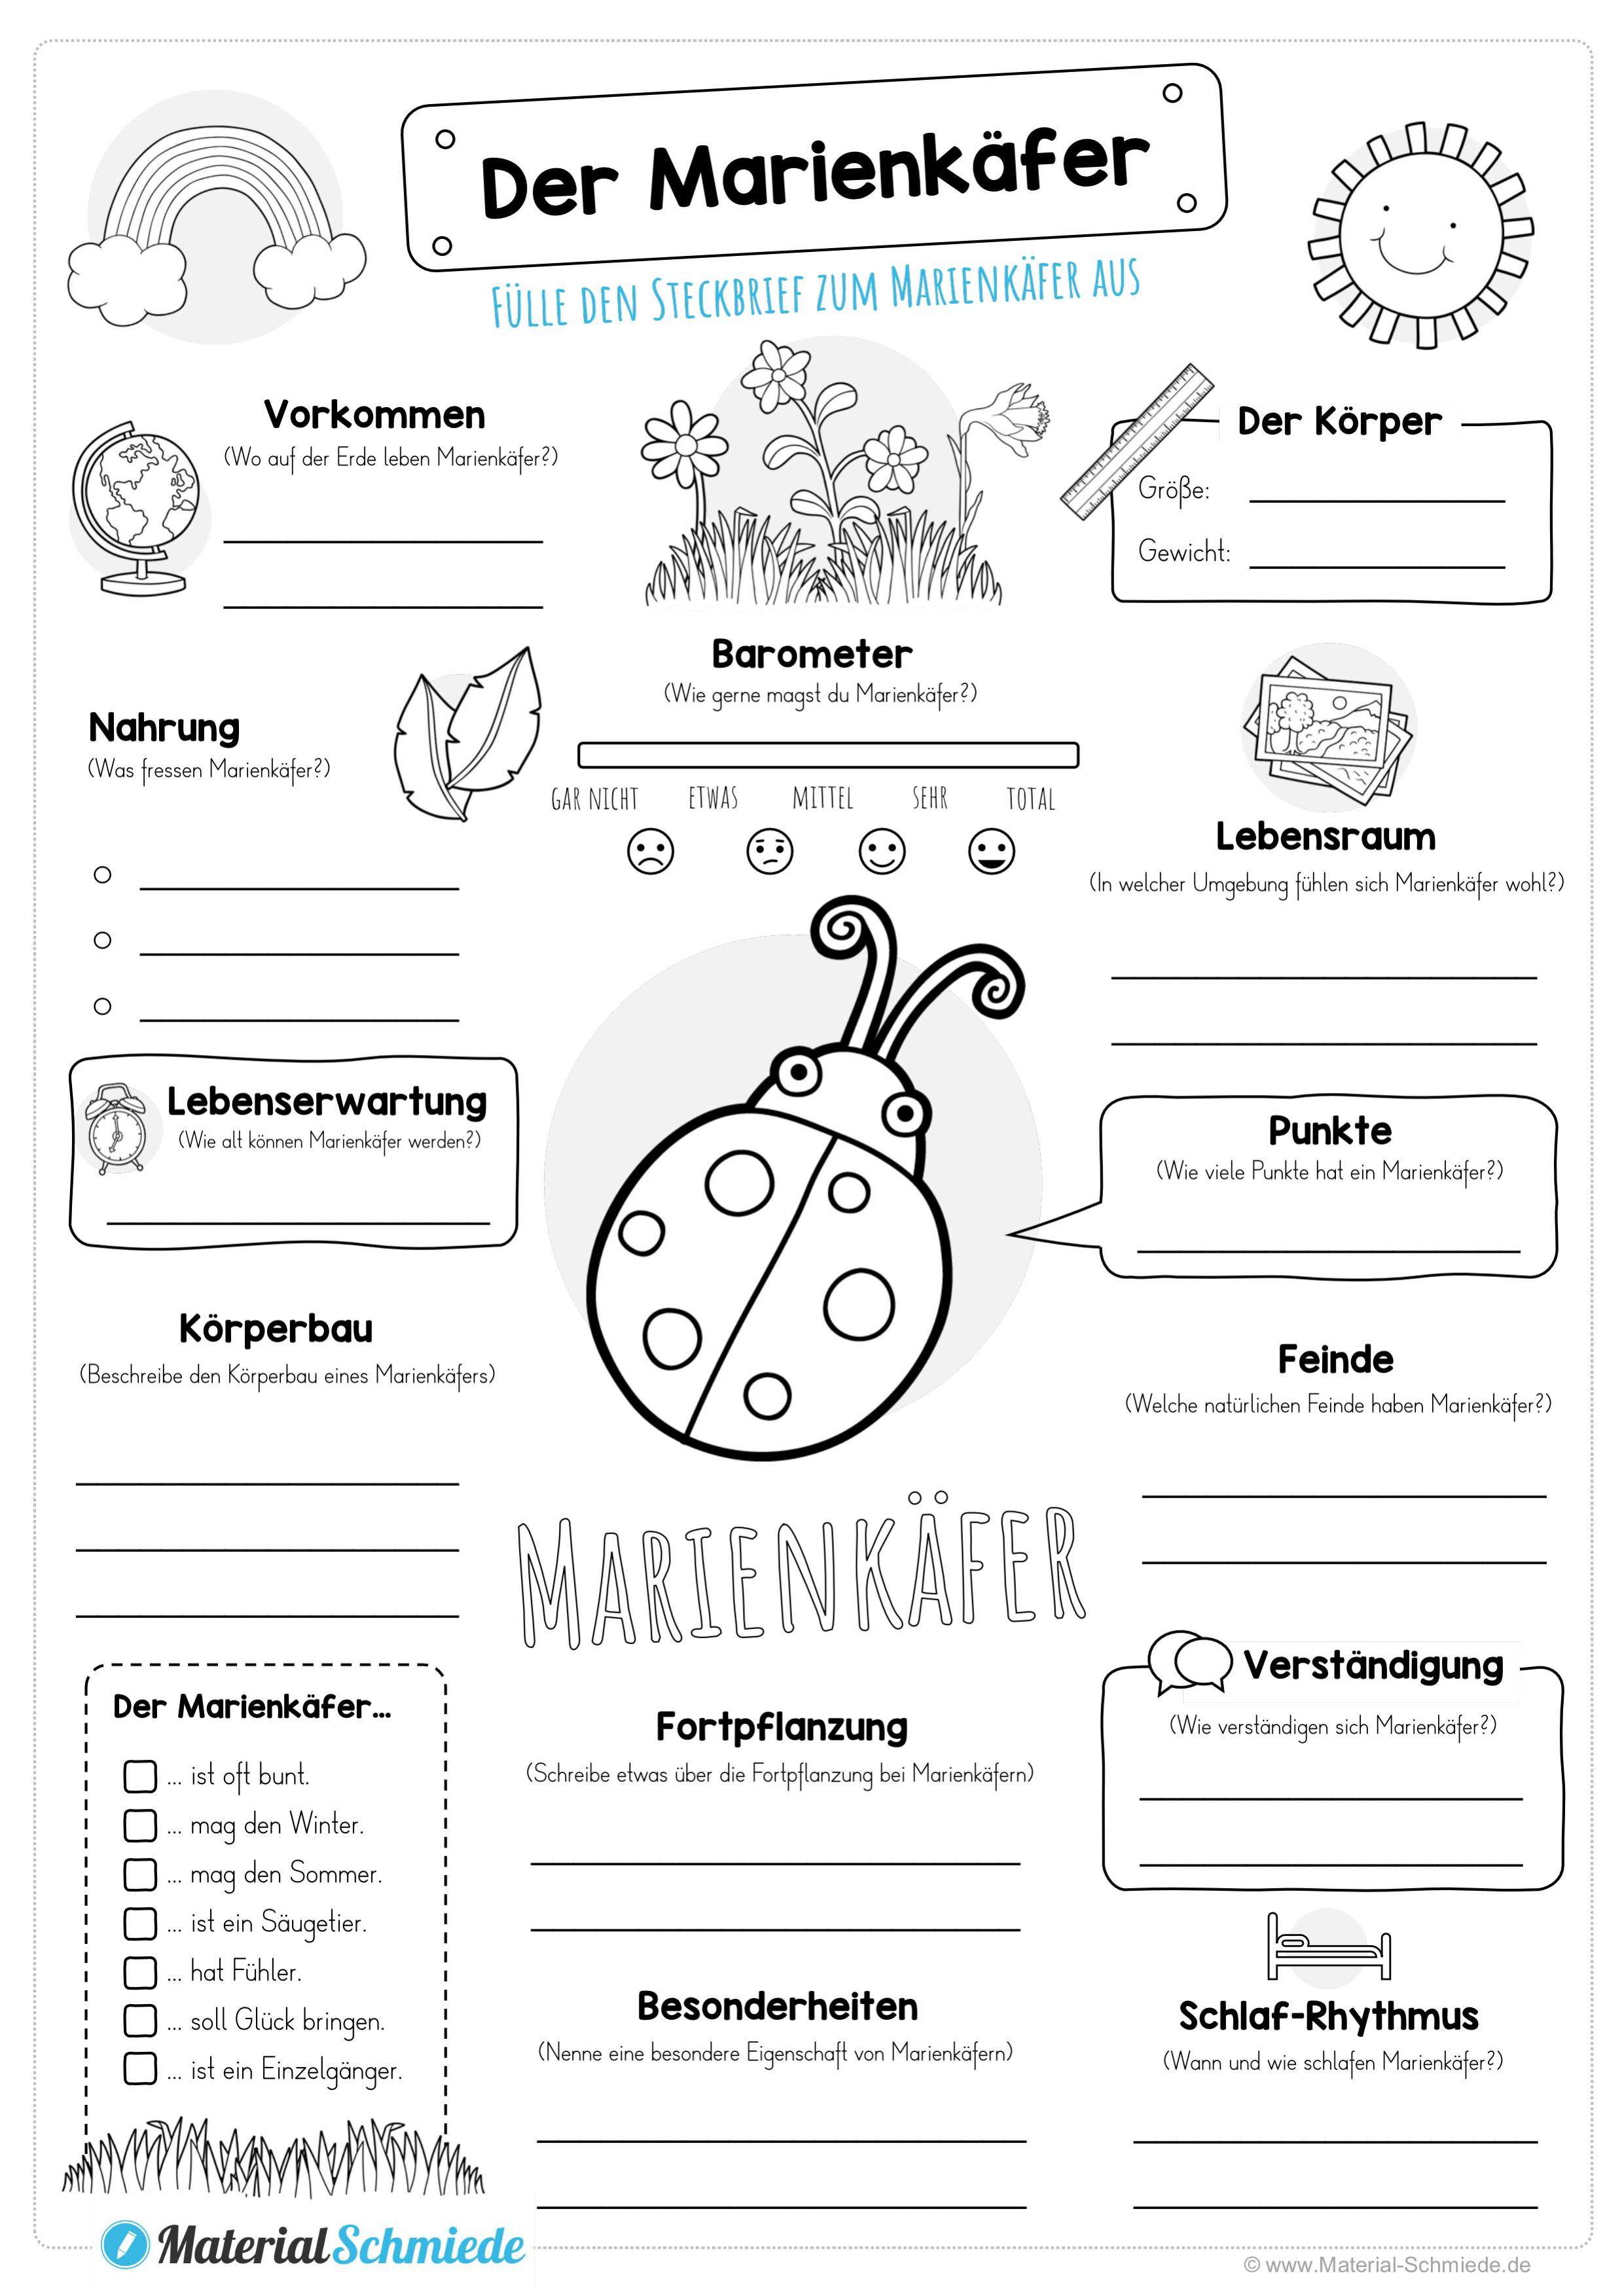 Steckbrief Marienkafer Unterrichtsmaterial In Den Fachern Biologie Sachunterricht Steckbrief Unterrichtsmaterial Marienkafer Steckbrief